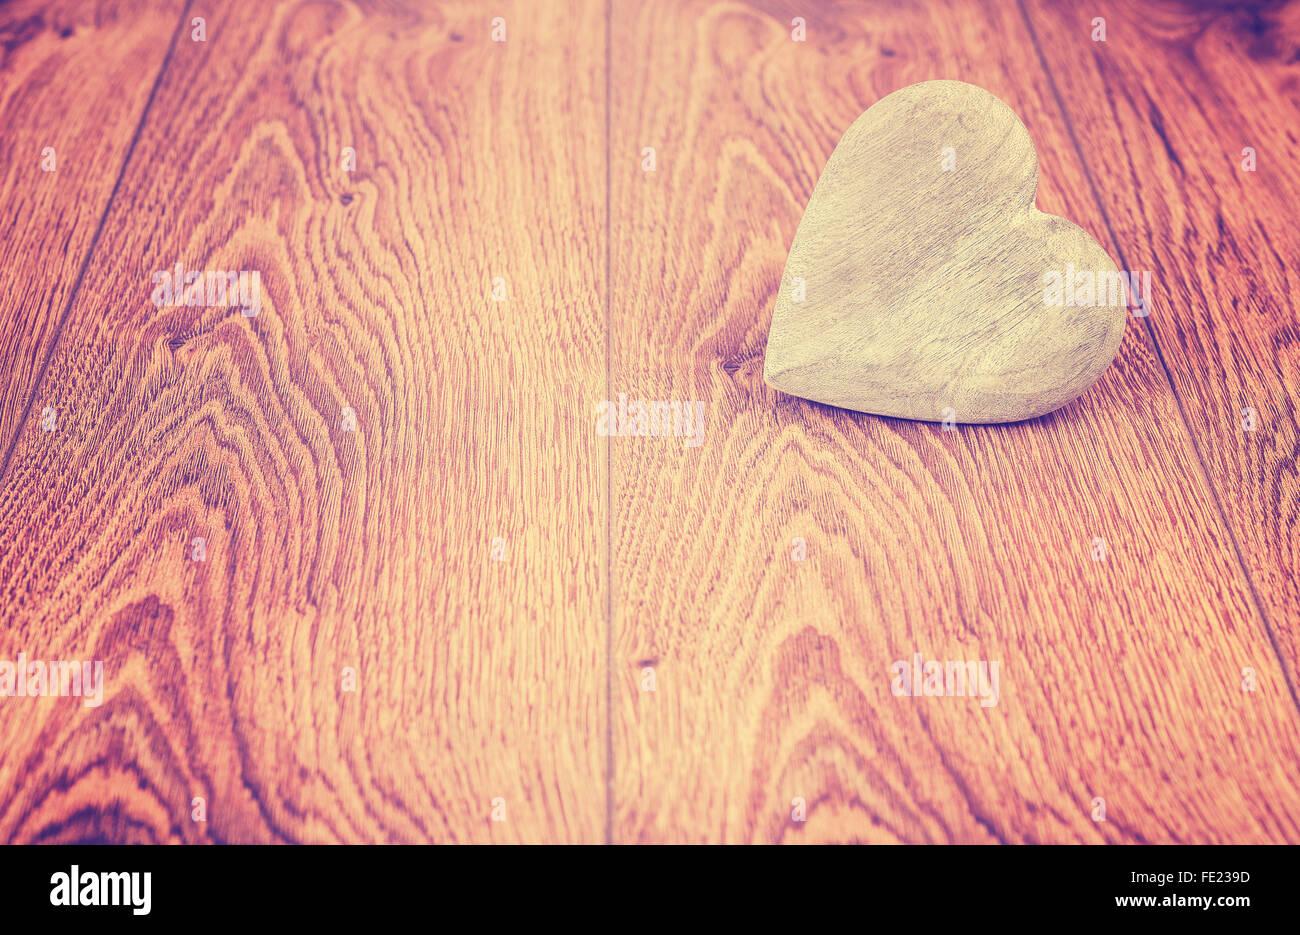 Vintage cuore stilizzato su tavole di legno, spazio per il testo. Immagini Stock